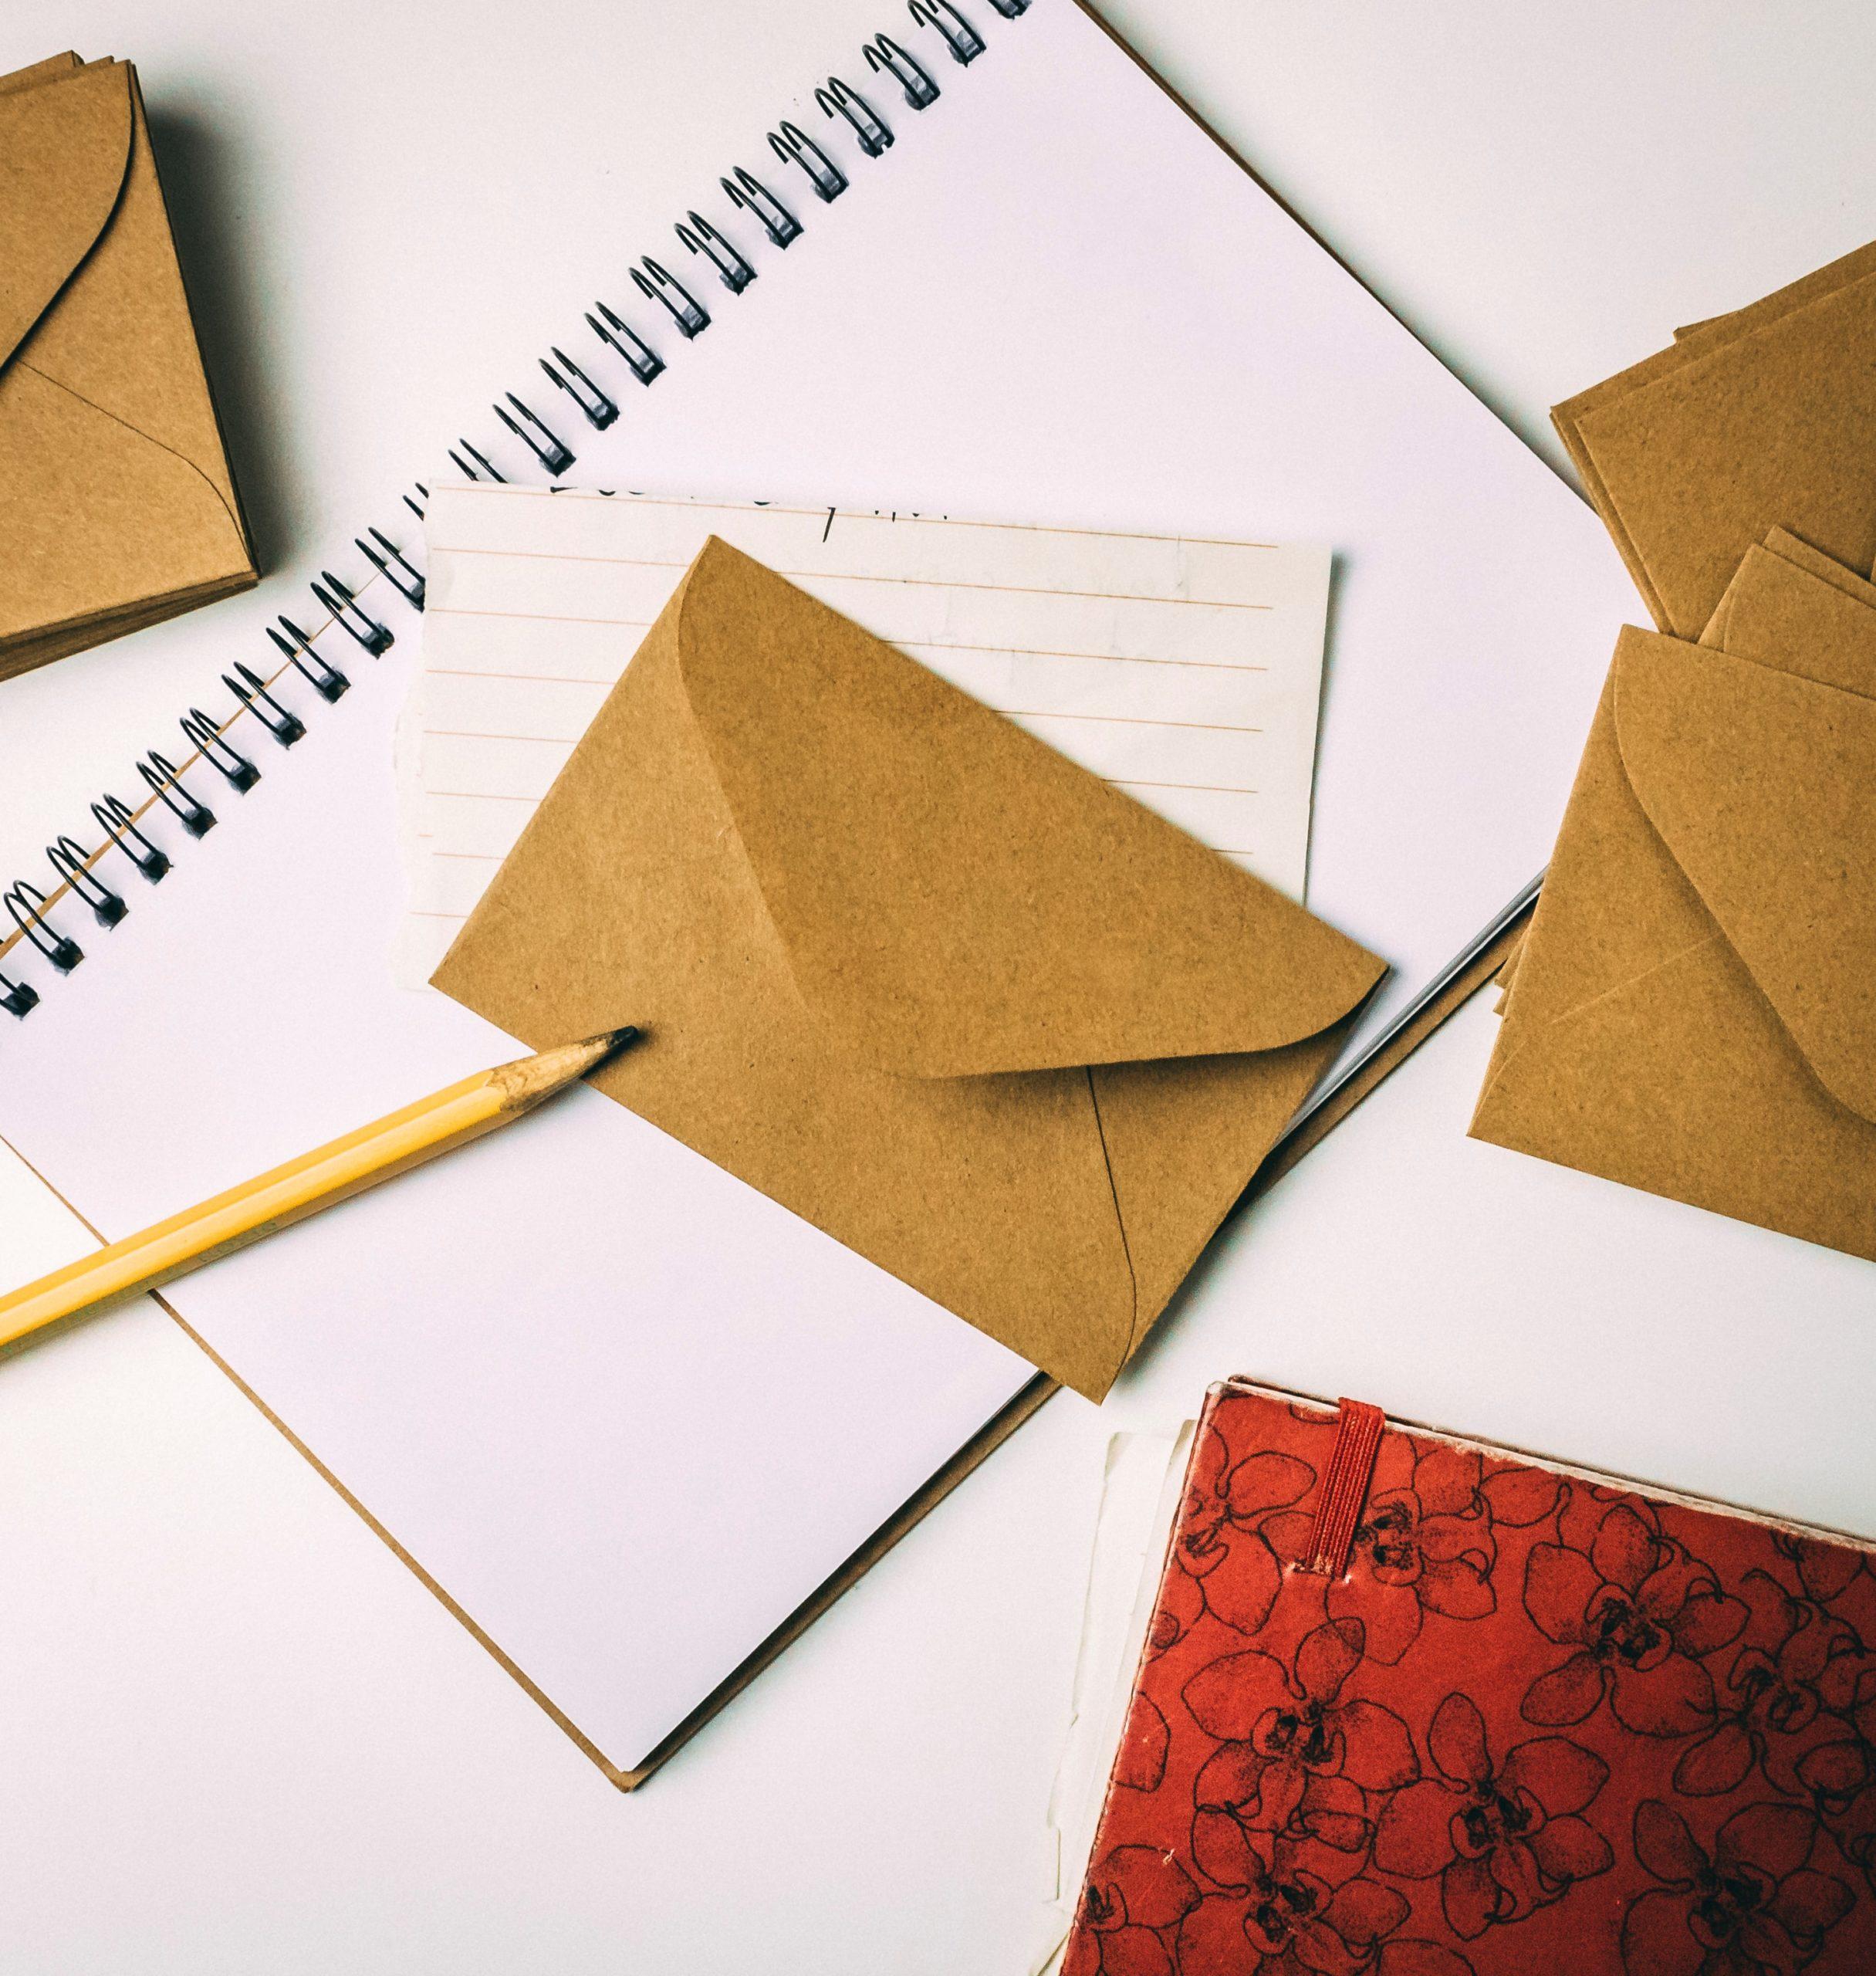 給付 追加 手紙 保険 雇用